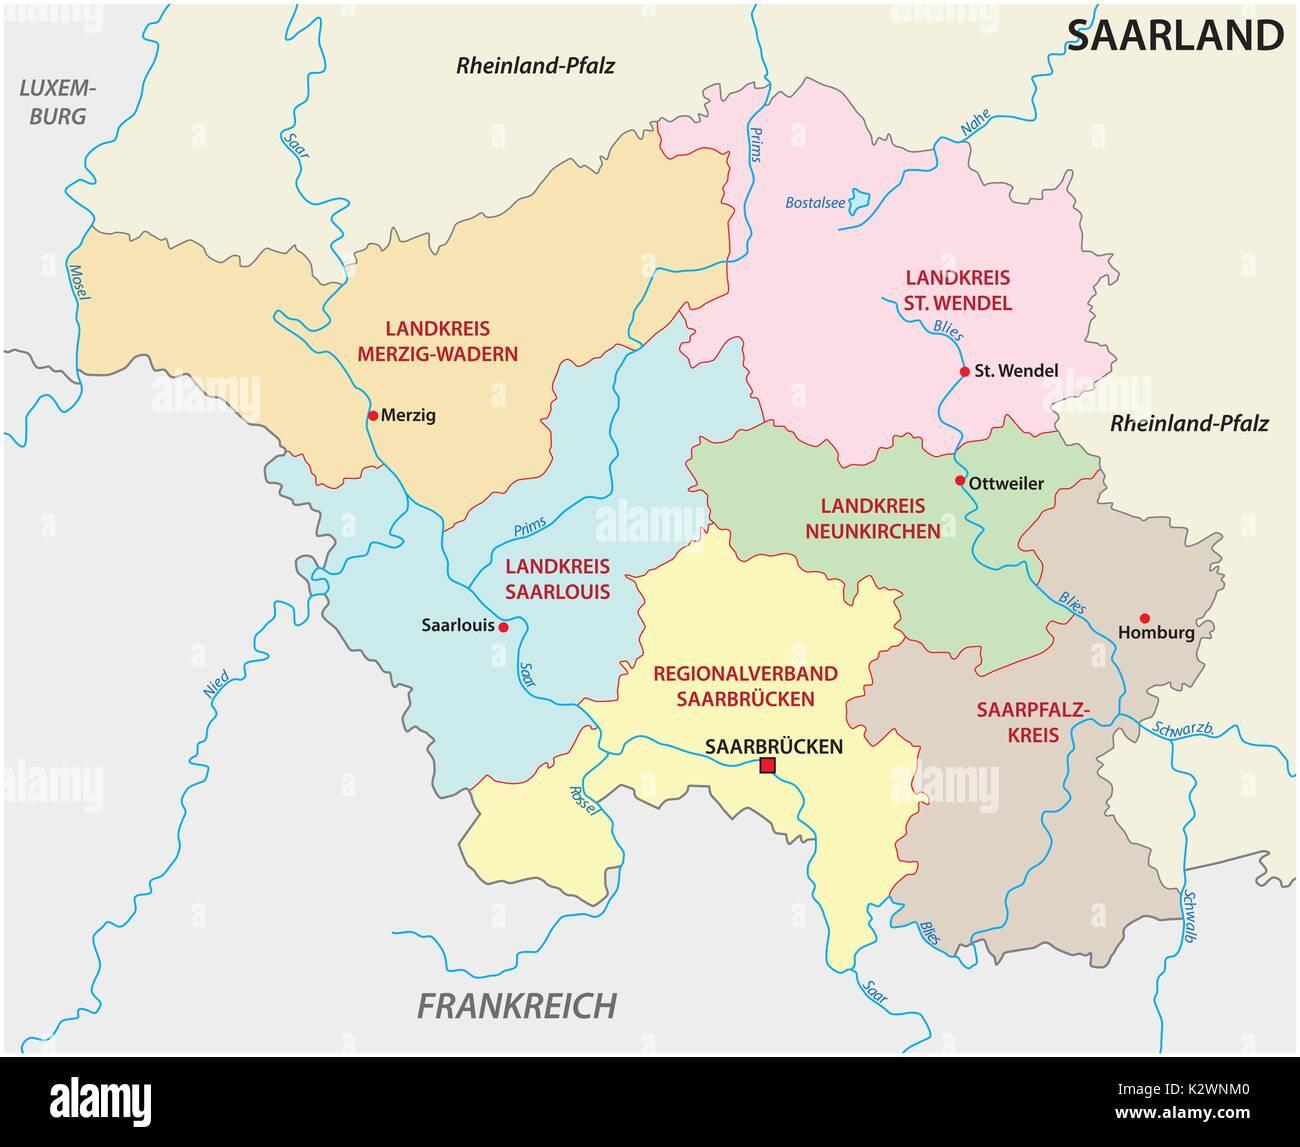 Saarland Stock Photos Saarland Stock Images Alamy